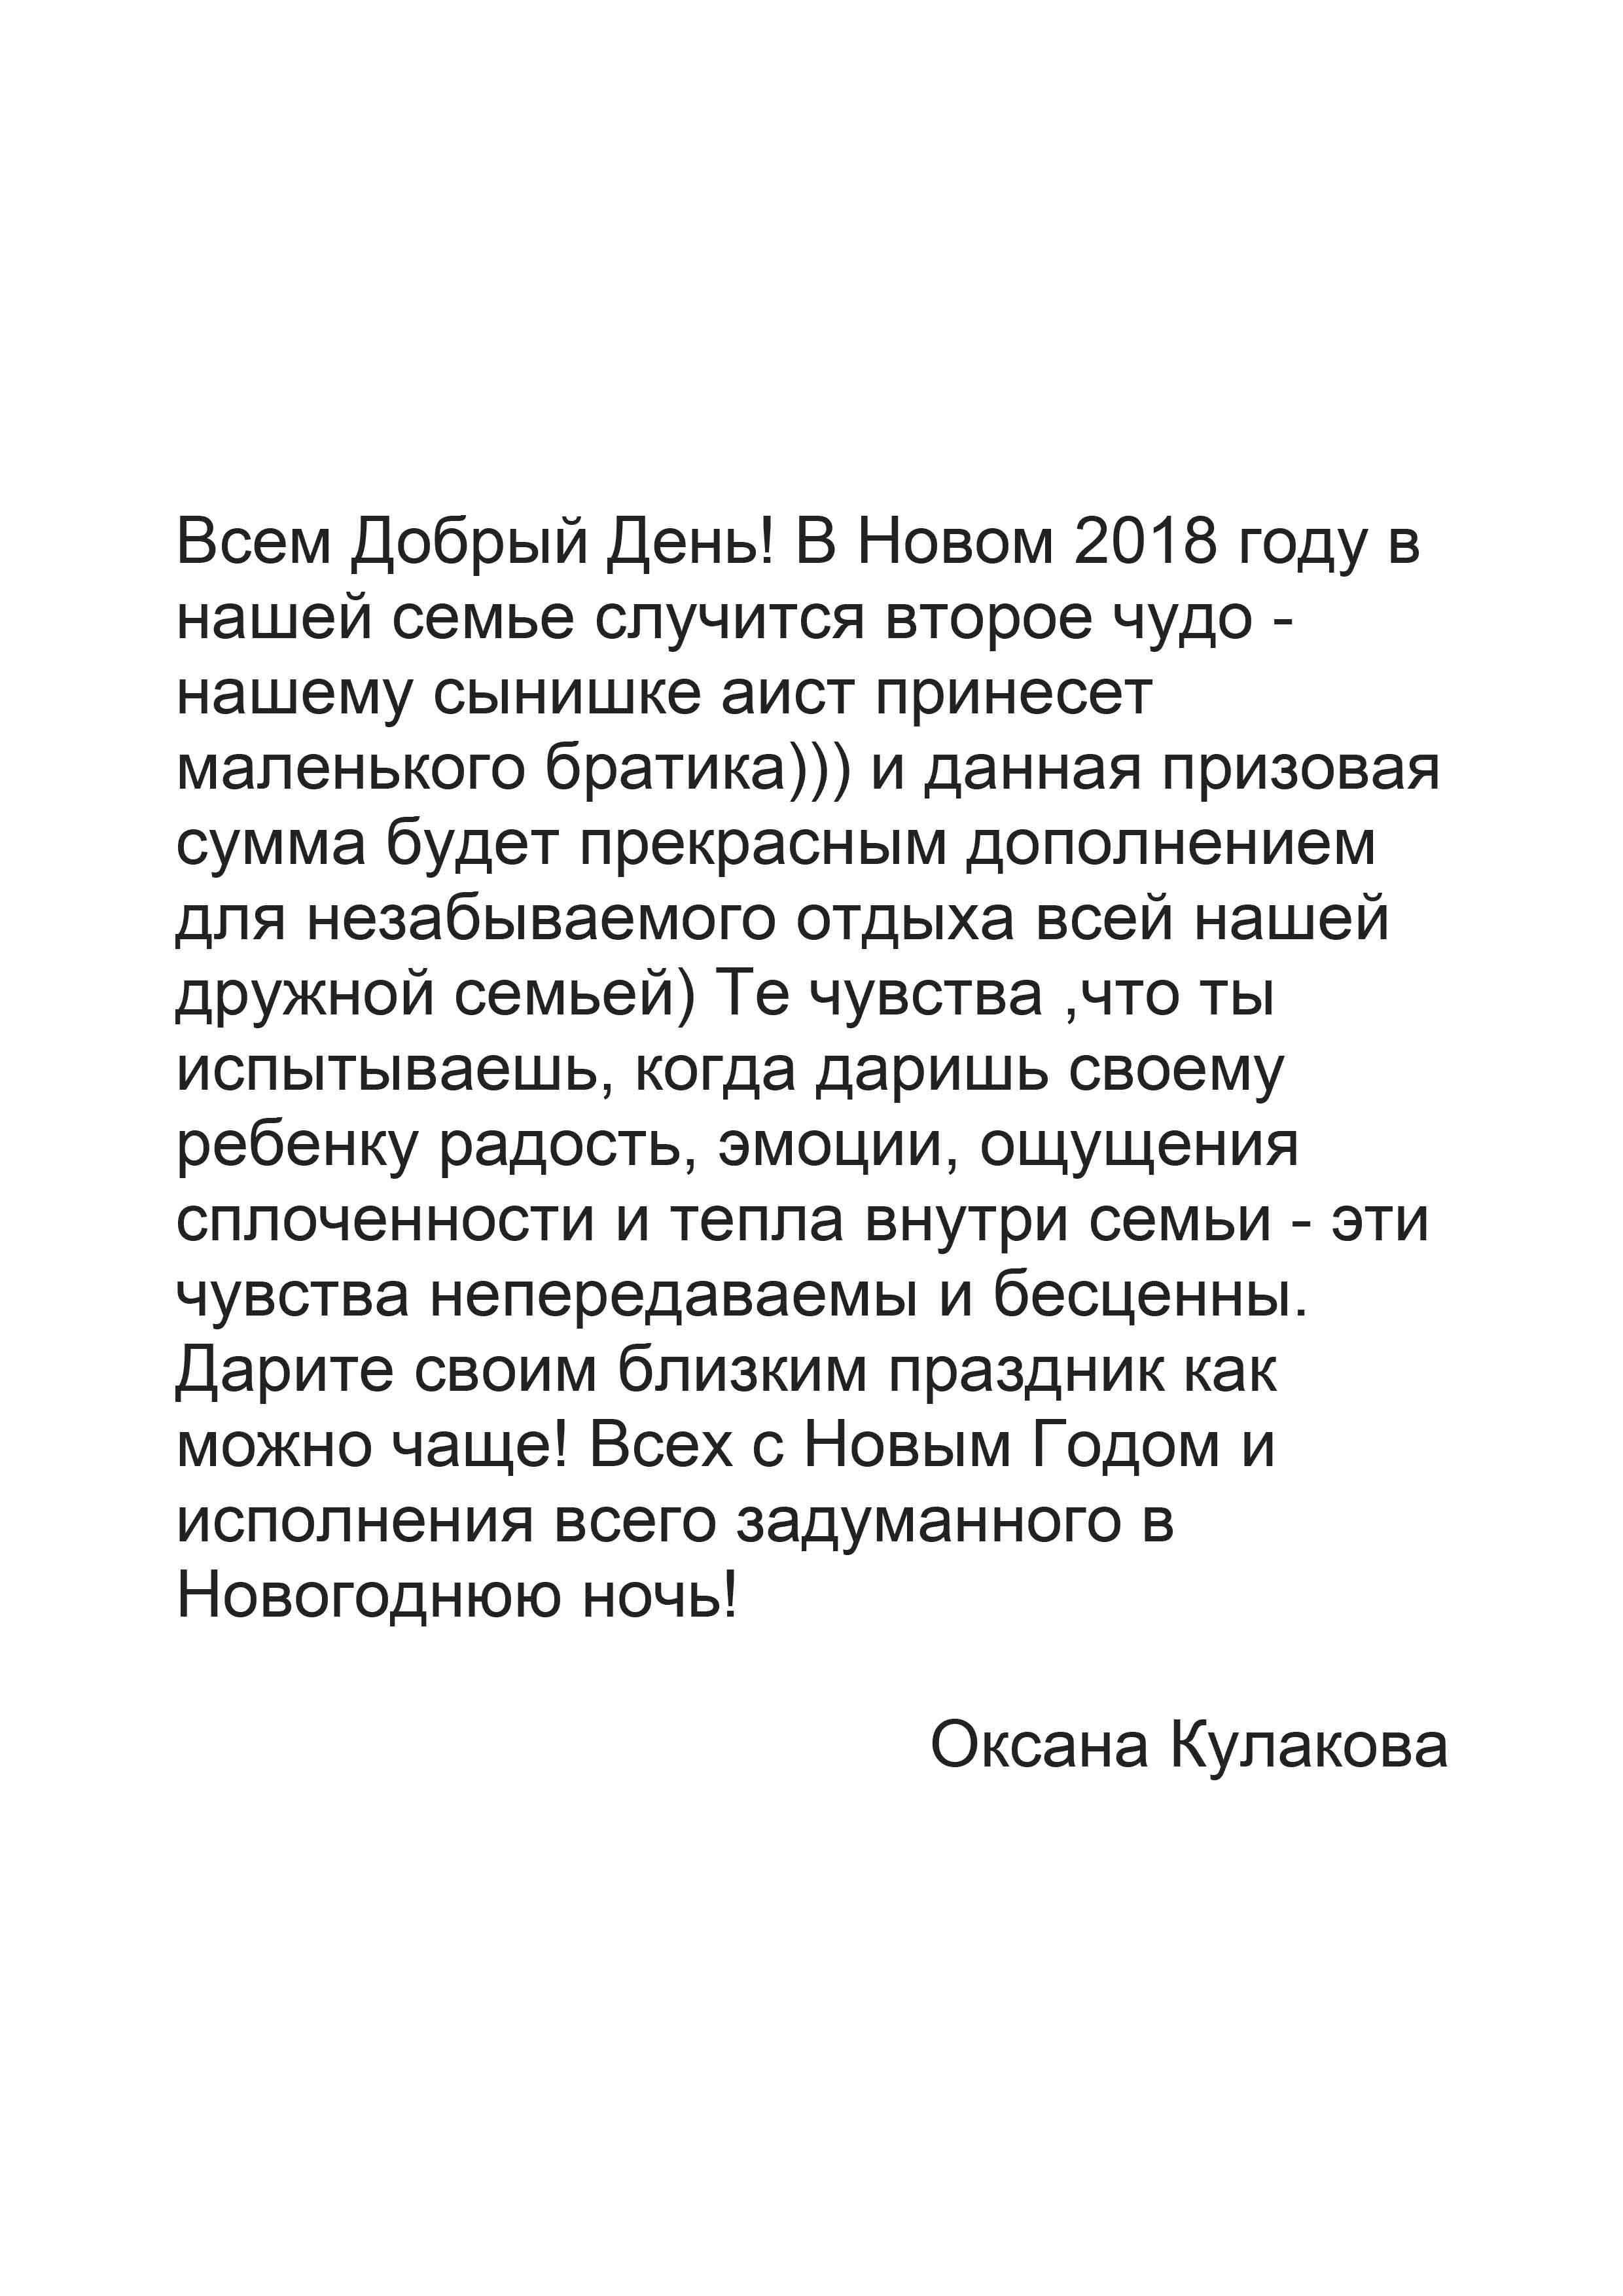 Оксана Кулакова